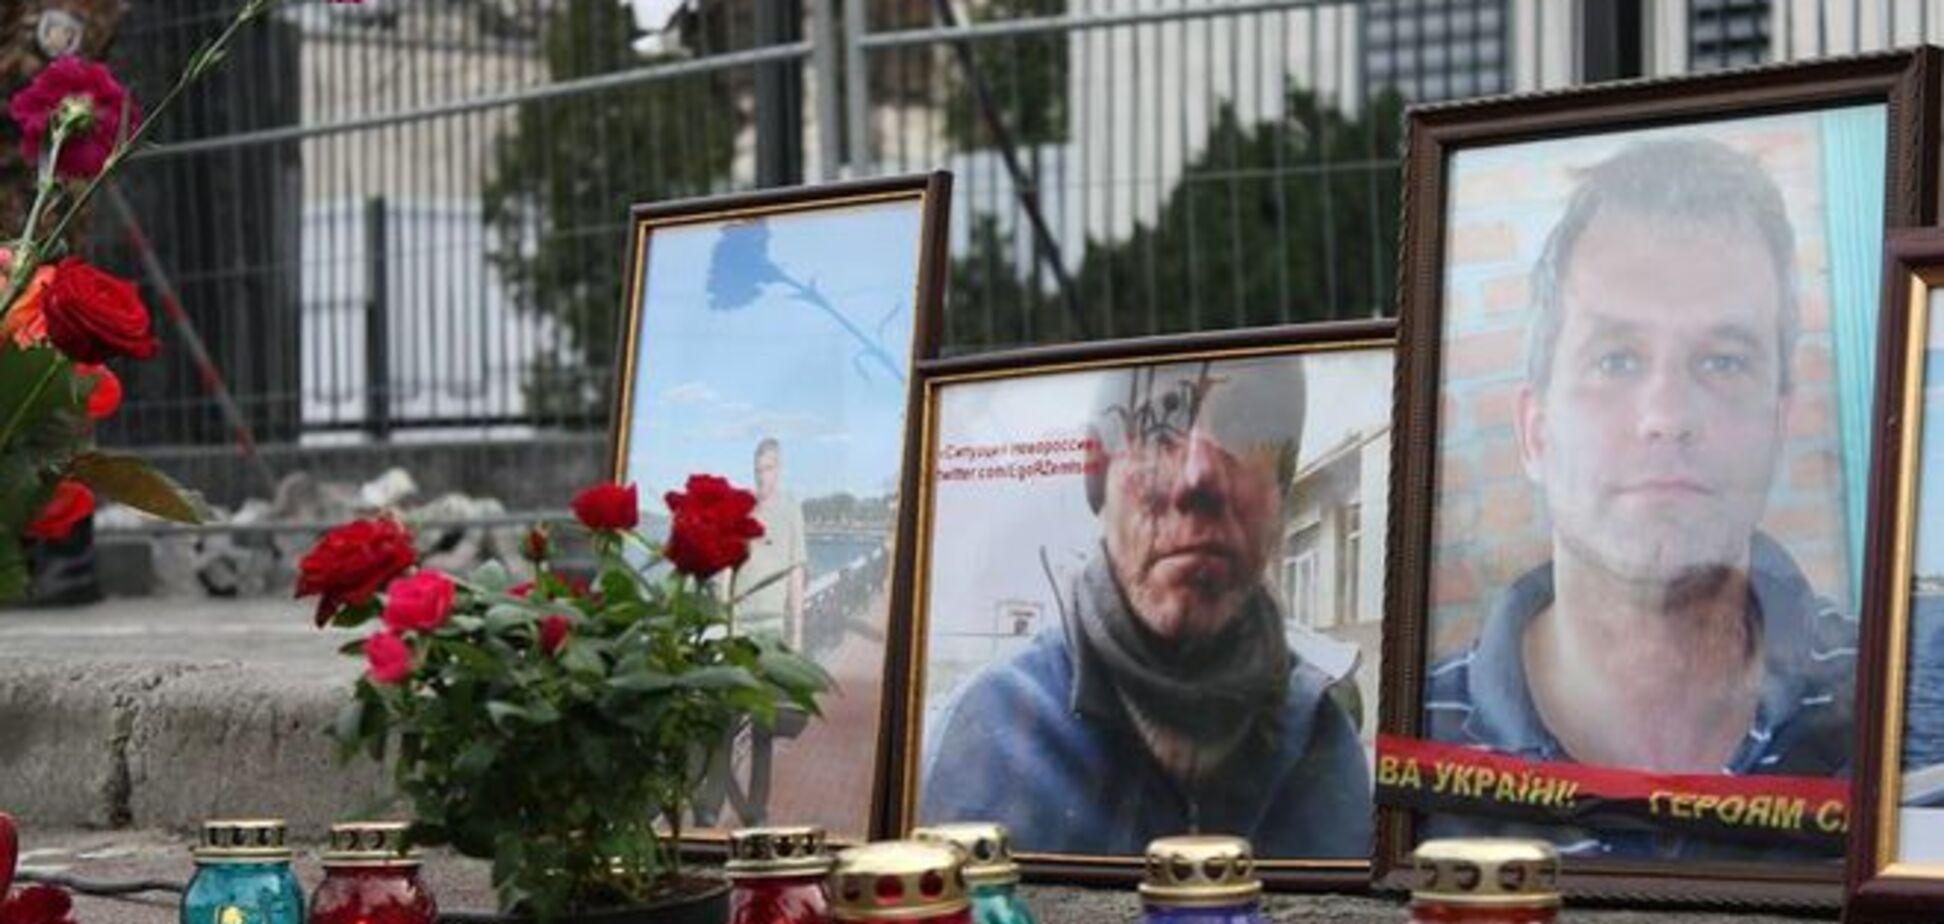 Бойцы АТО помянули погибшего товарища возле посольства России: фотофакт